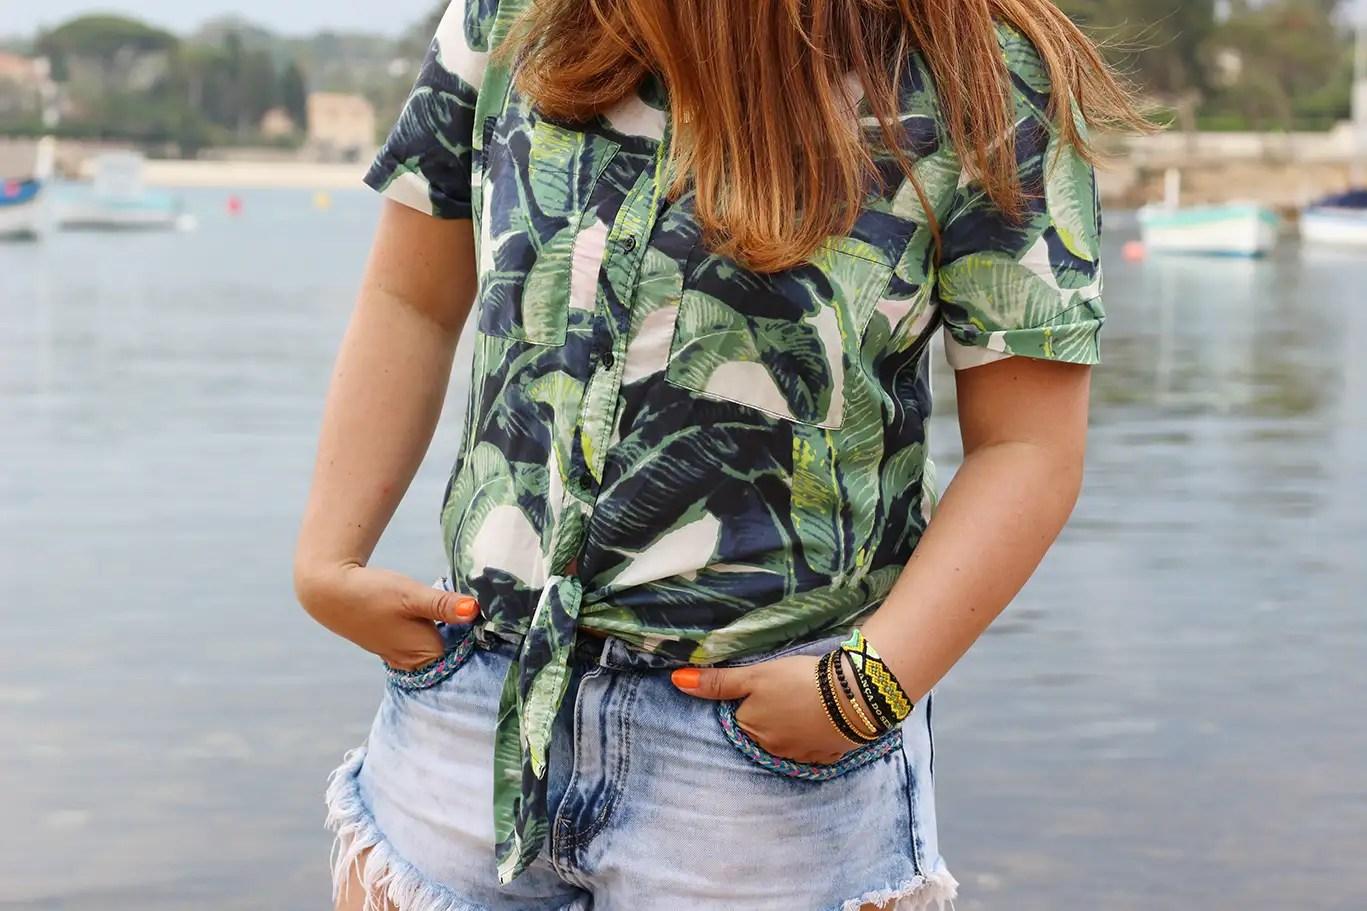 un petit coin de paradis, tropical vibes, tropical, chemise palmiers, sandales compensées, short jean franges, barcelet hipanema, pull and bear, stradivarius, chemise stradivarius, juan les pins, antibes, blogueuse mode, blog mode